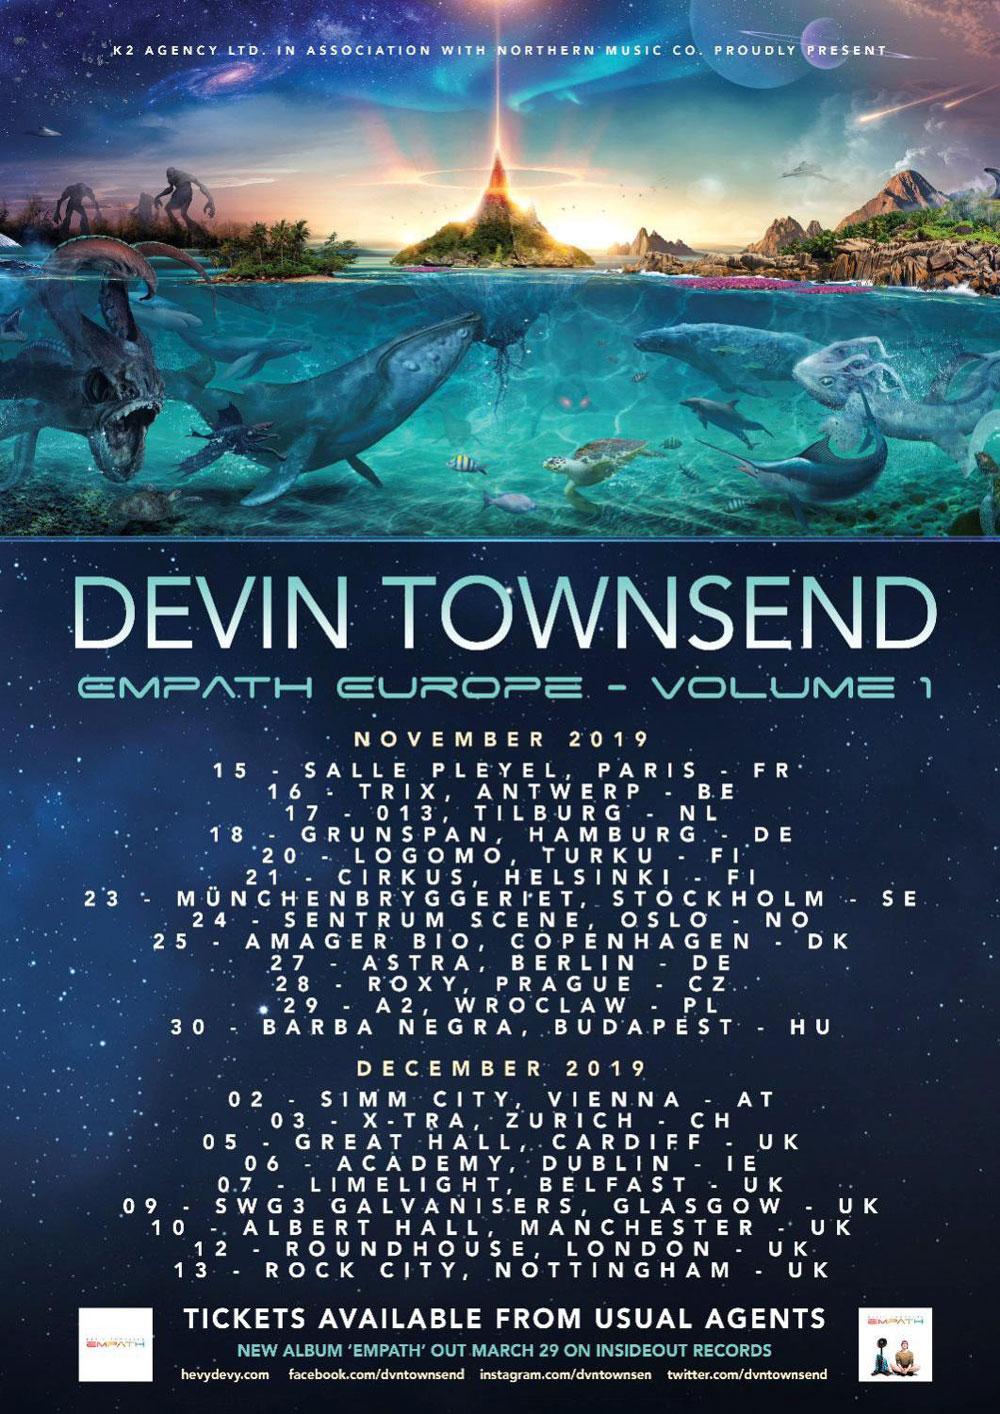 Devin Townsend Empath Europe - Volume 1